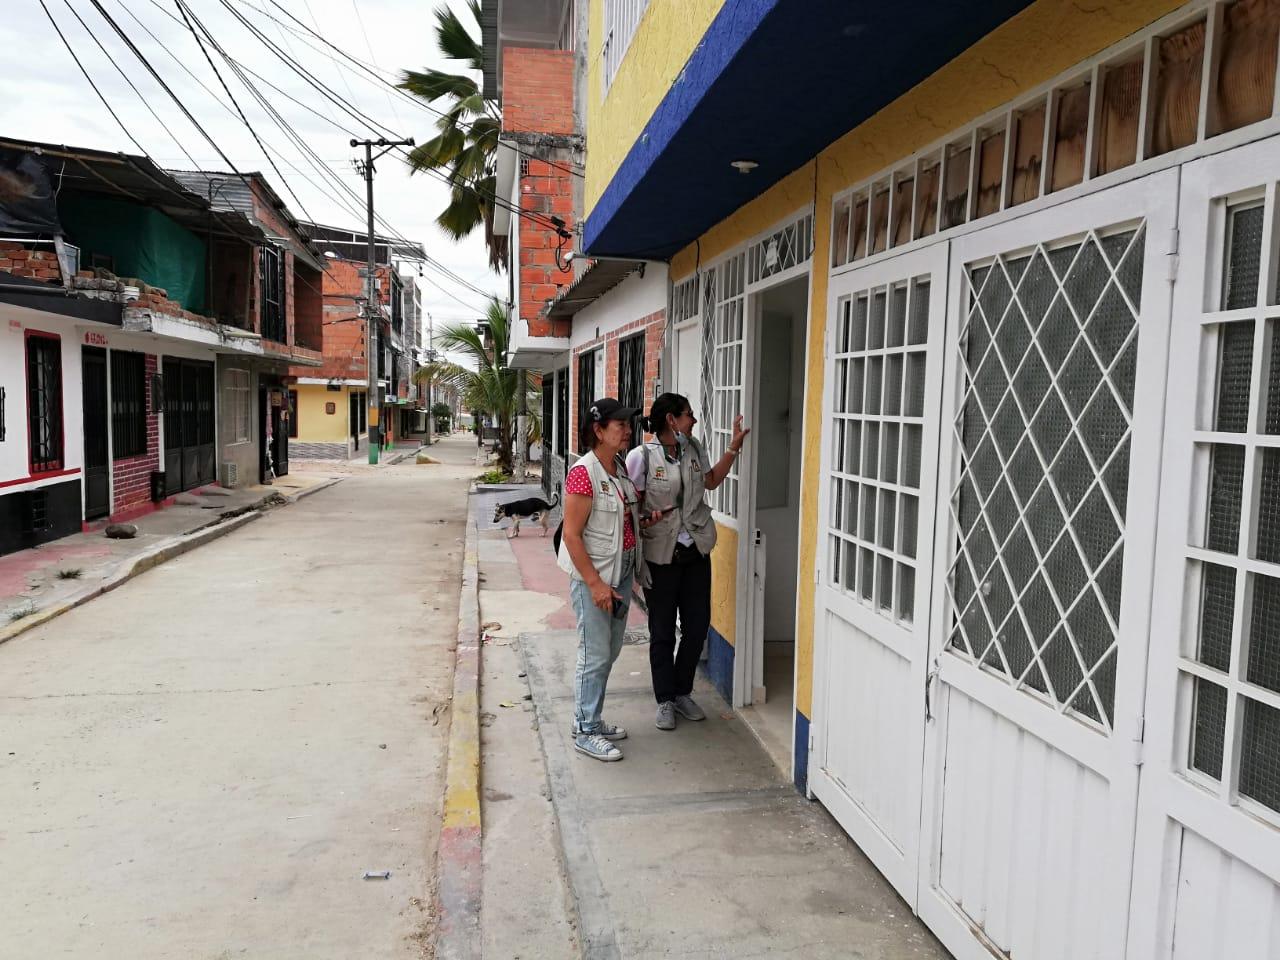 Adelantan visitas en barrios para prevenir enfermedades transmitidas por mosquitos